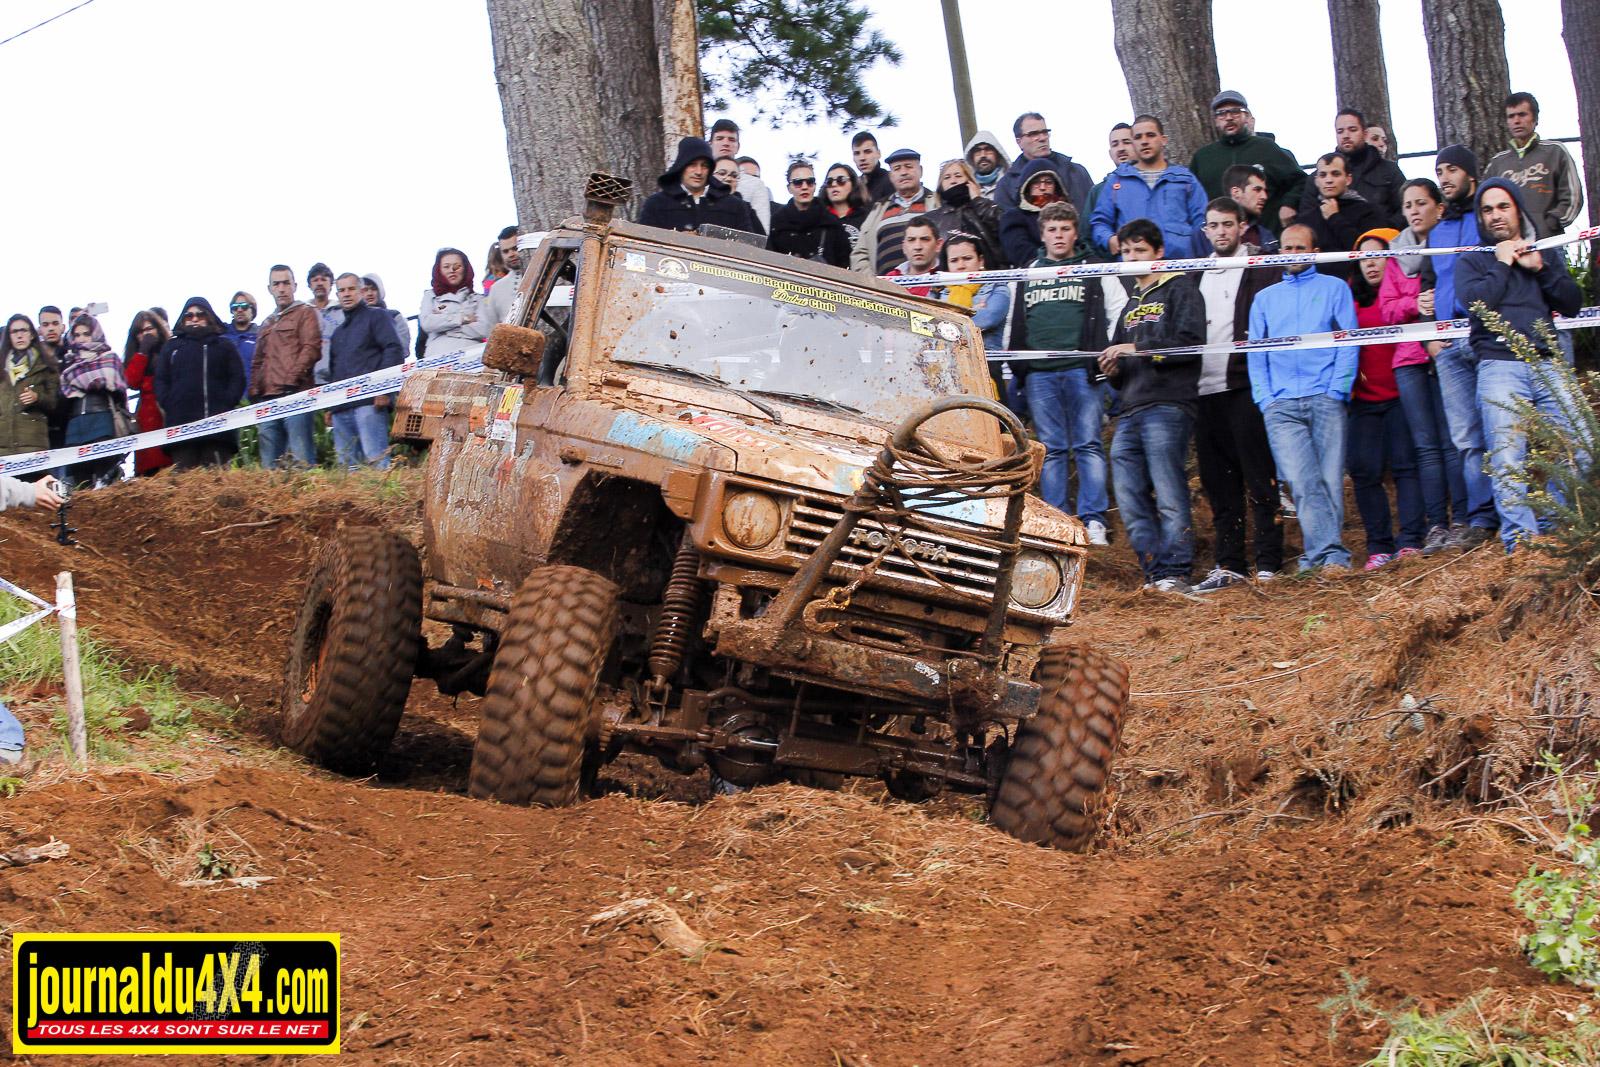 Auto Prestigio - 2nd place 'Extreme' Class